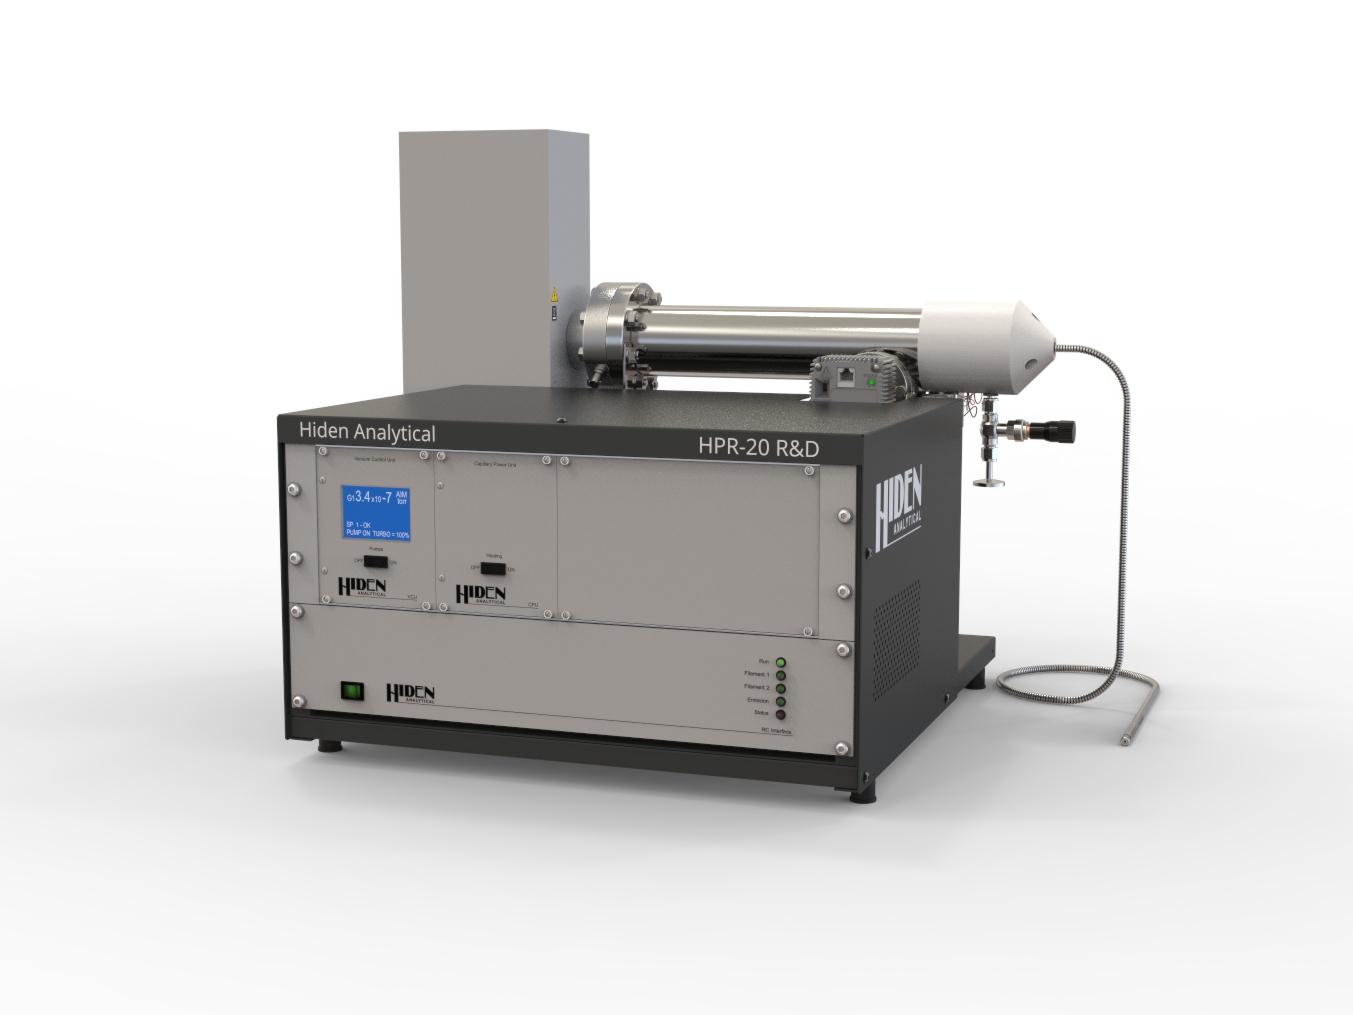 HPR-20 R&D Grey Side